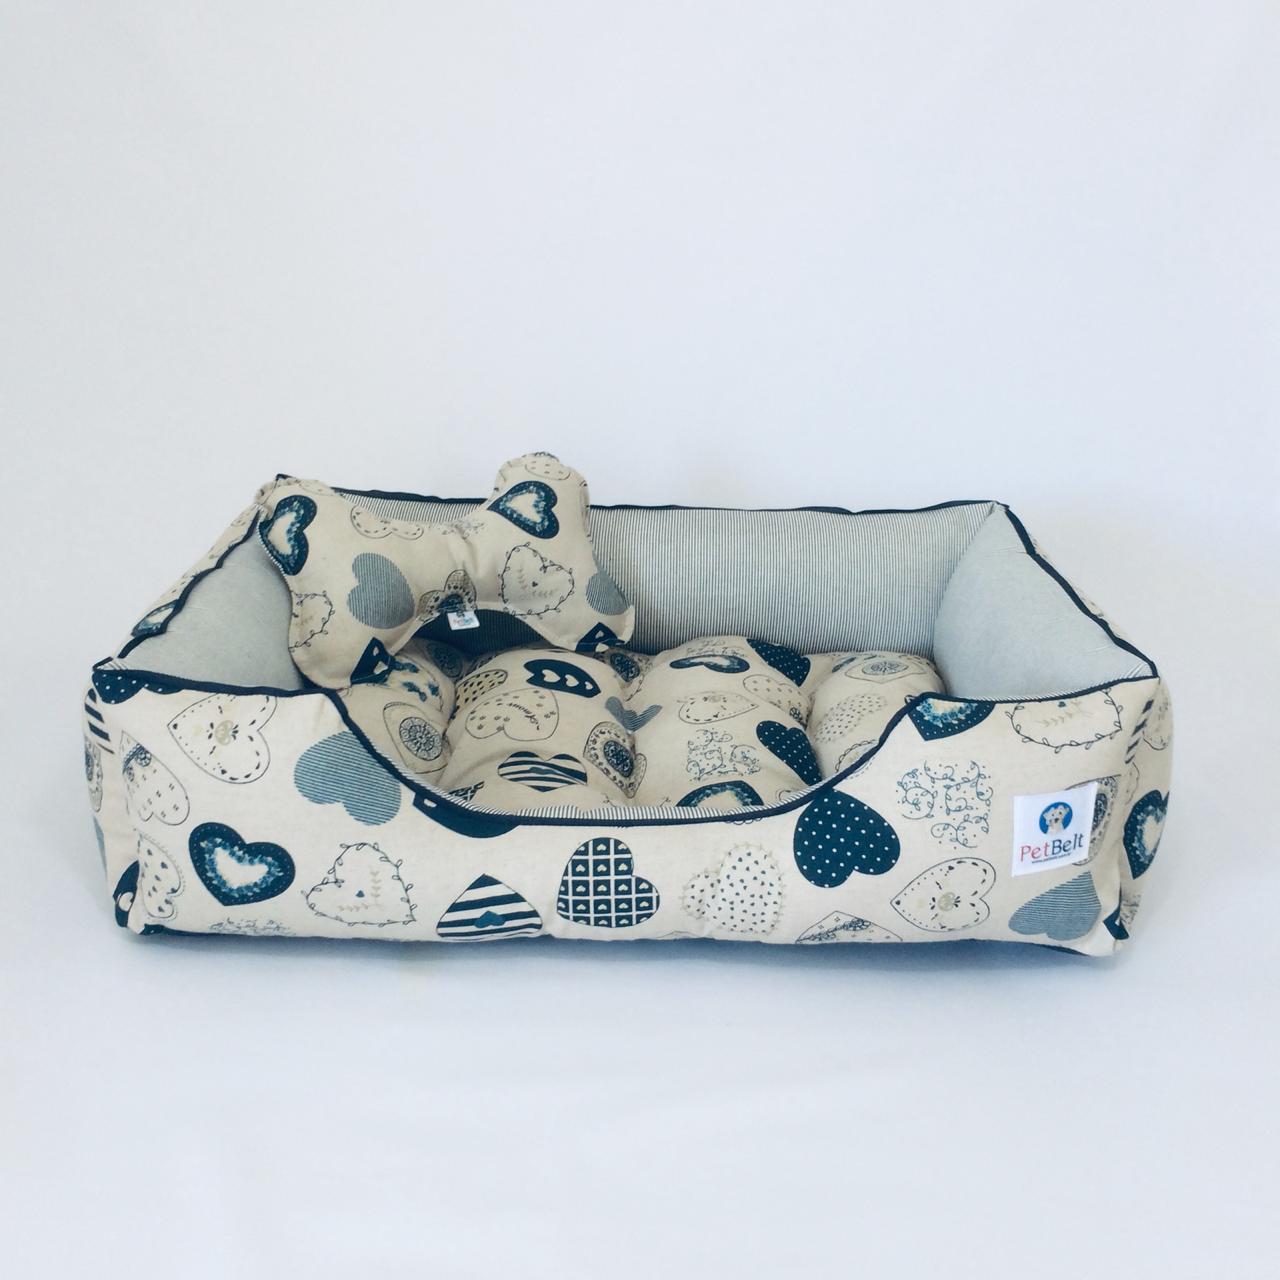 Cama Pet de Linho Cachorro Gato almofada removível c/ zíper - Tam M - Coração Blue